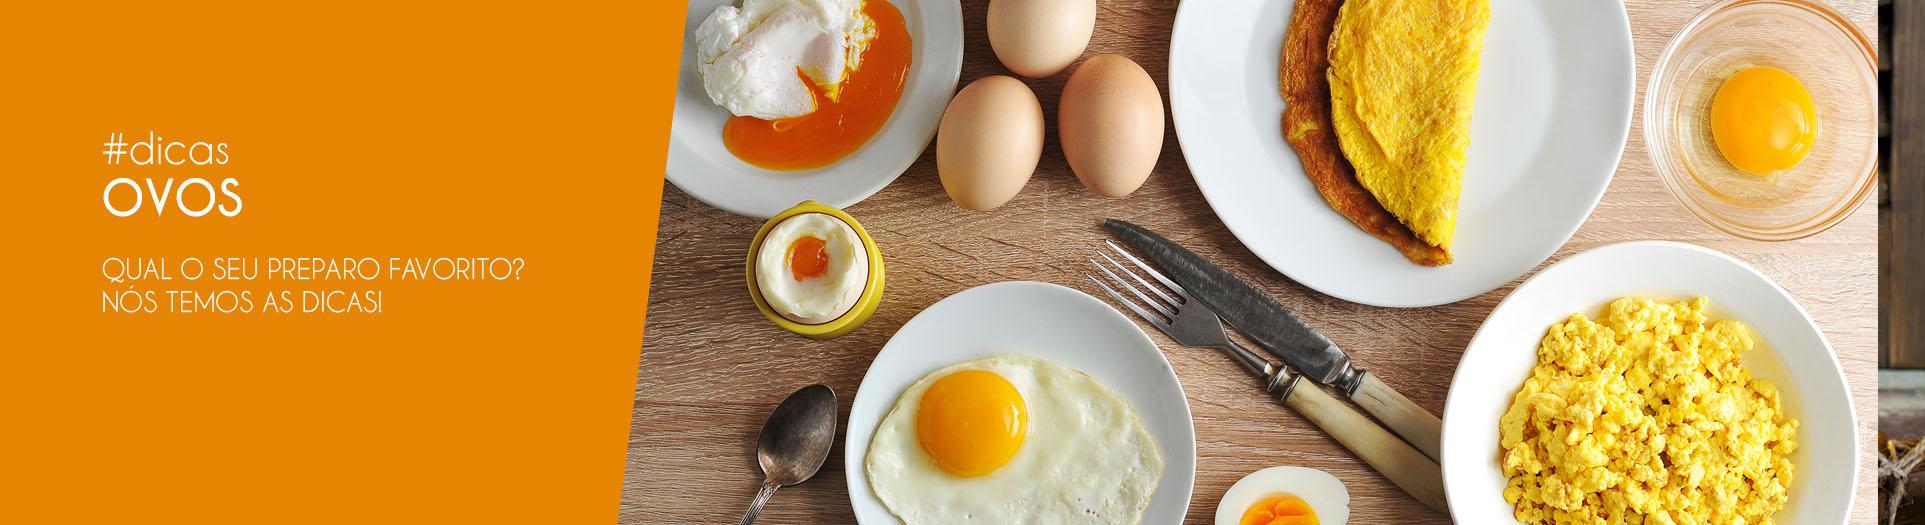 dicas para preparar ovos